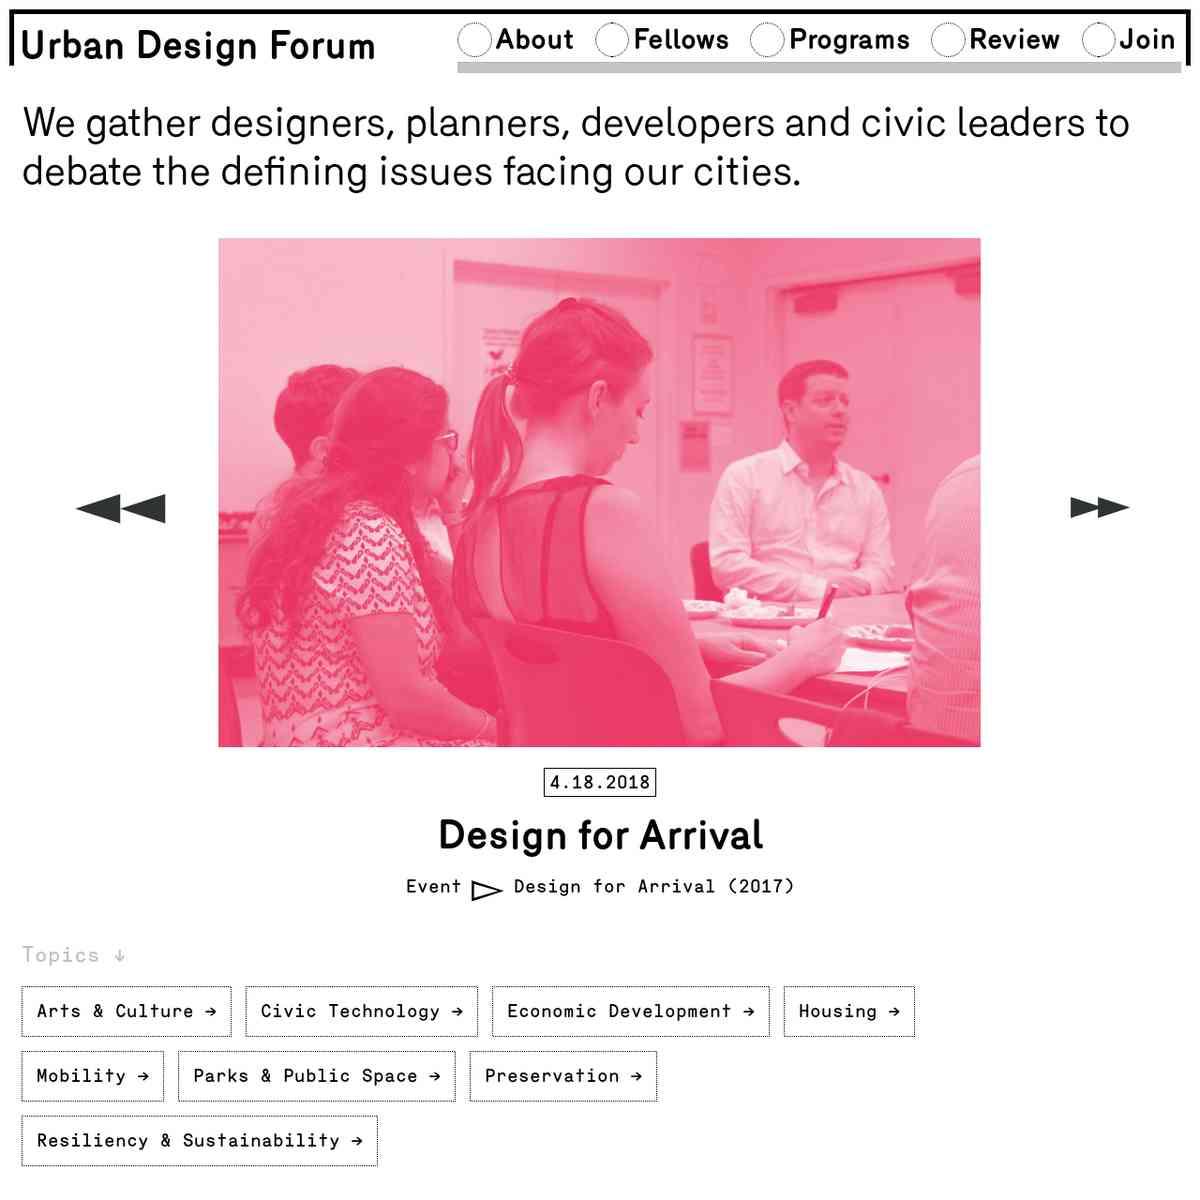 Urban Design Forum